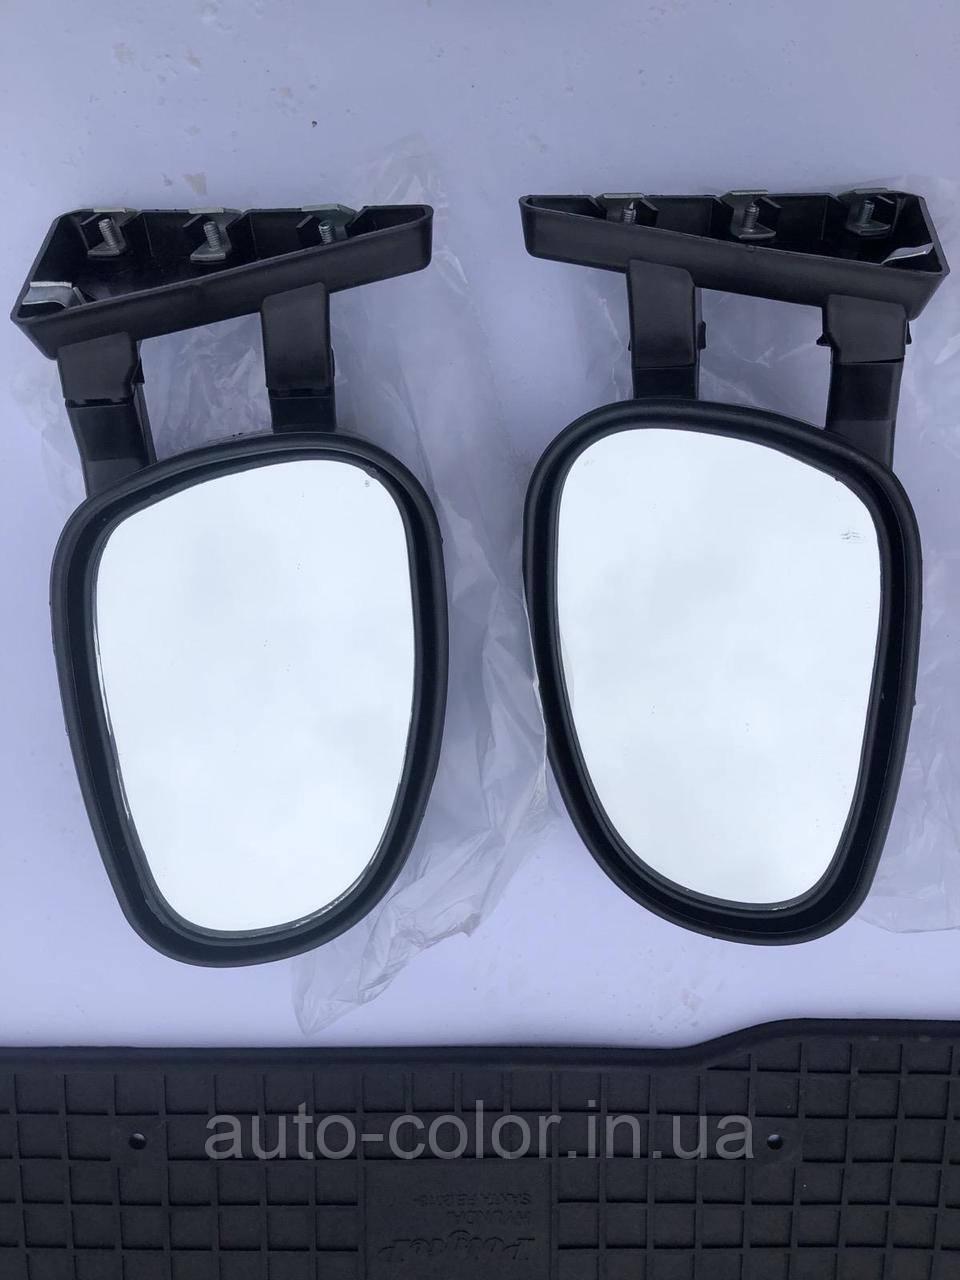 Зеркала автомобильные боковые на ВАЗ 2101-2107  Комплект: 2 шт